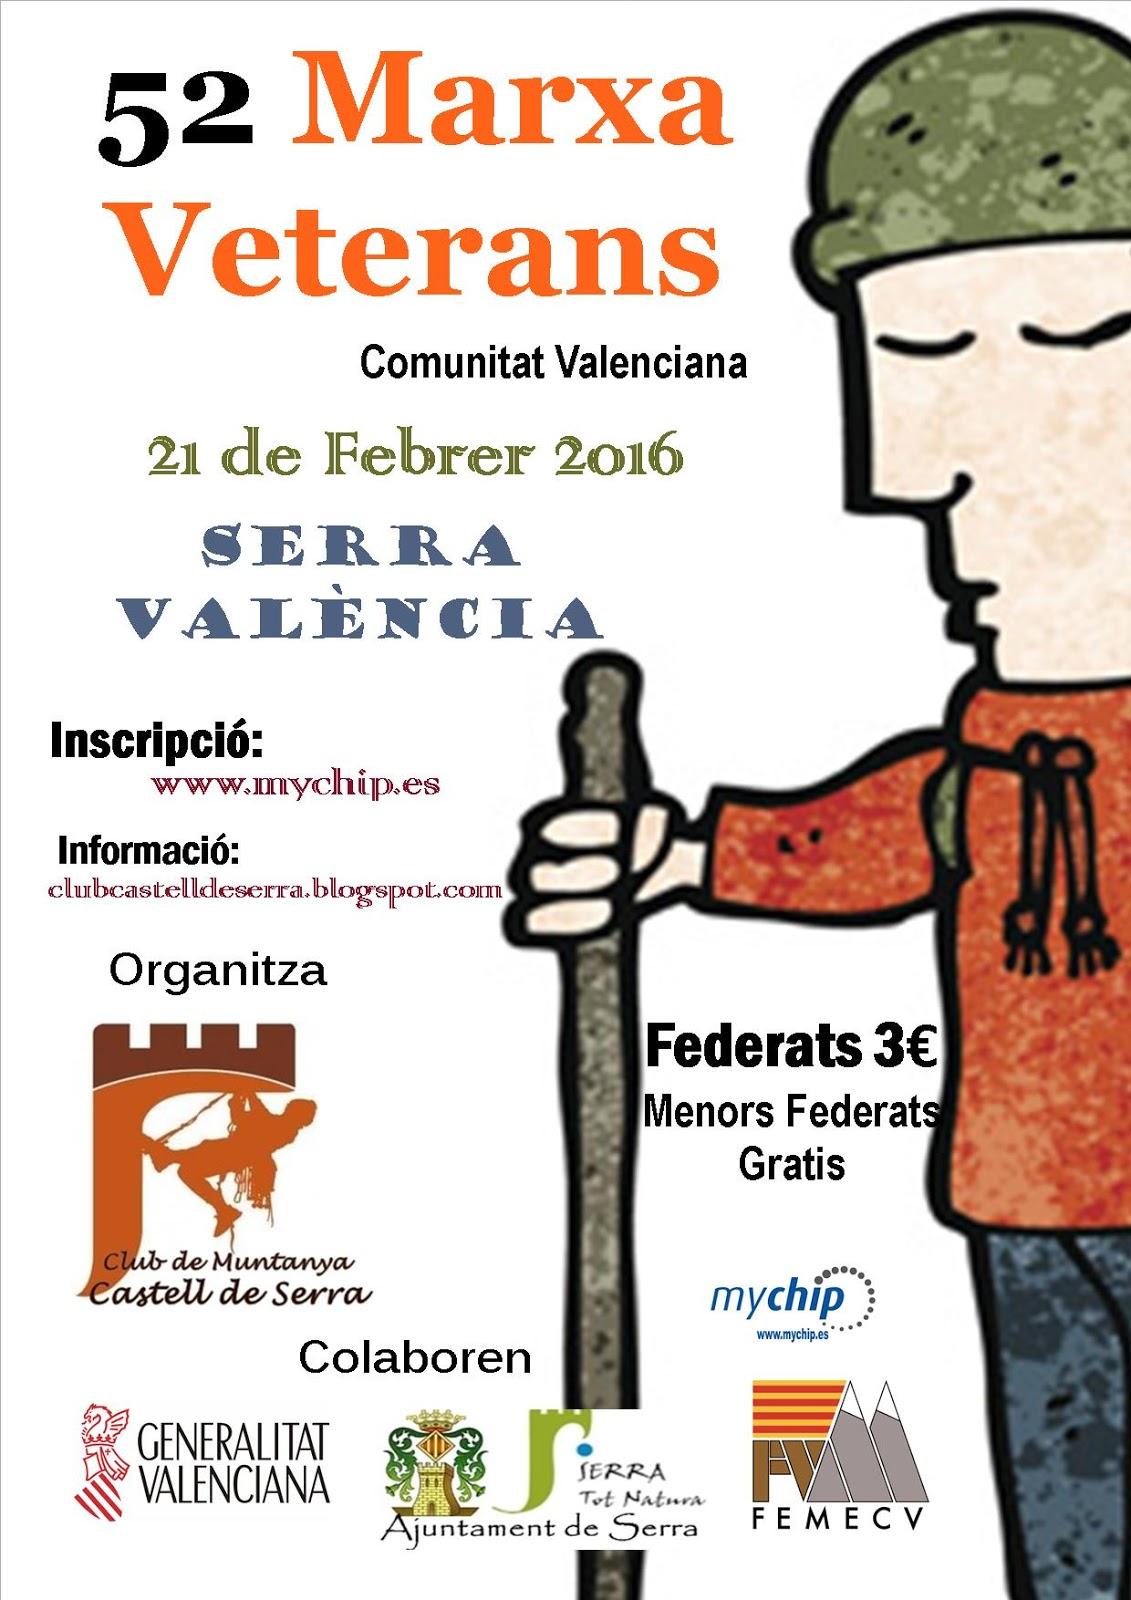 Cartel Marxa Veterans para FEMECV 2016